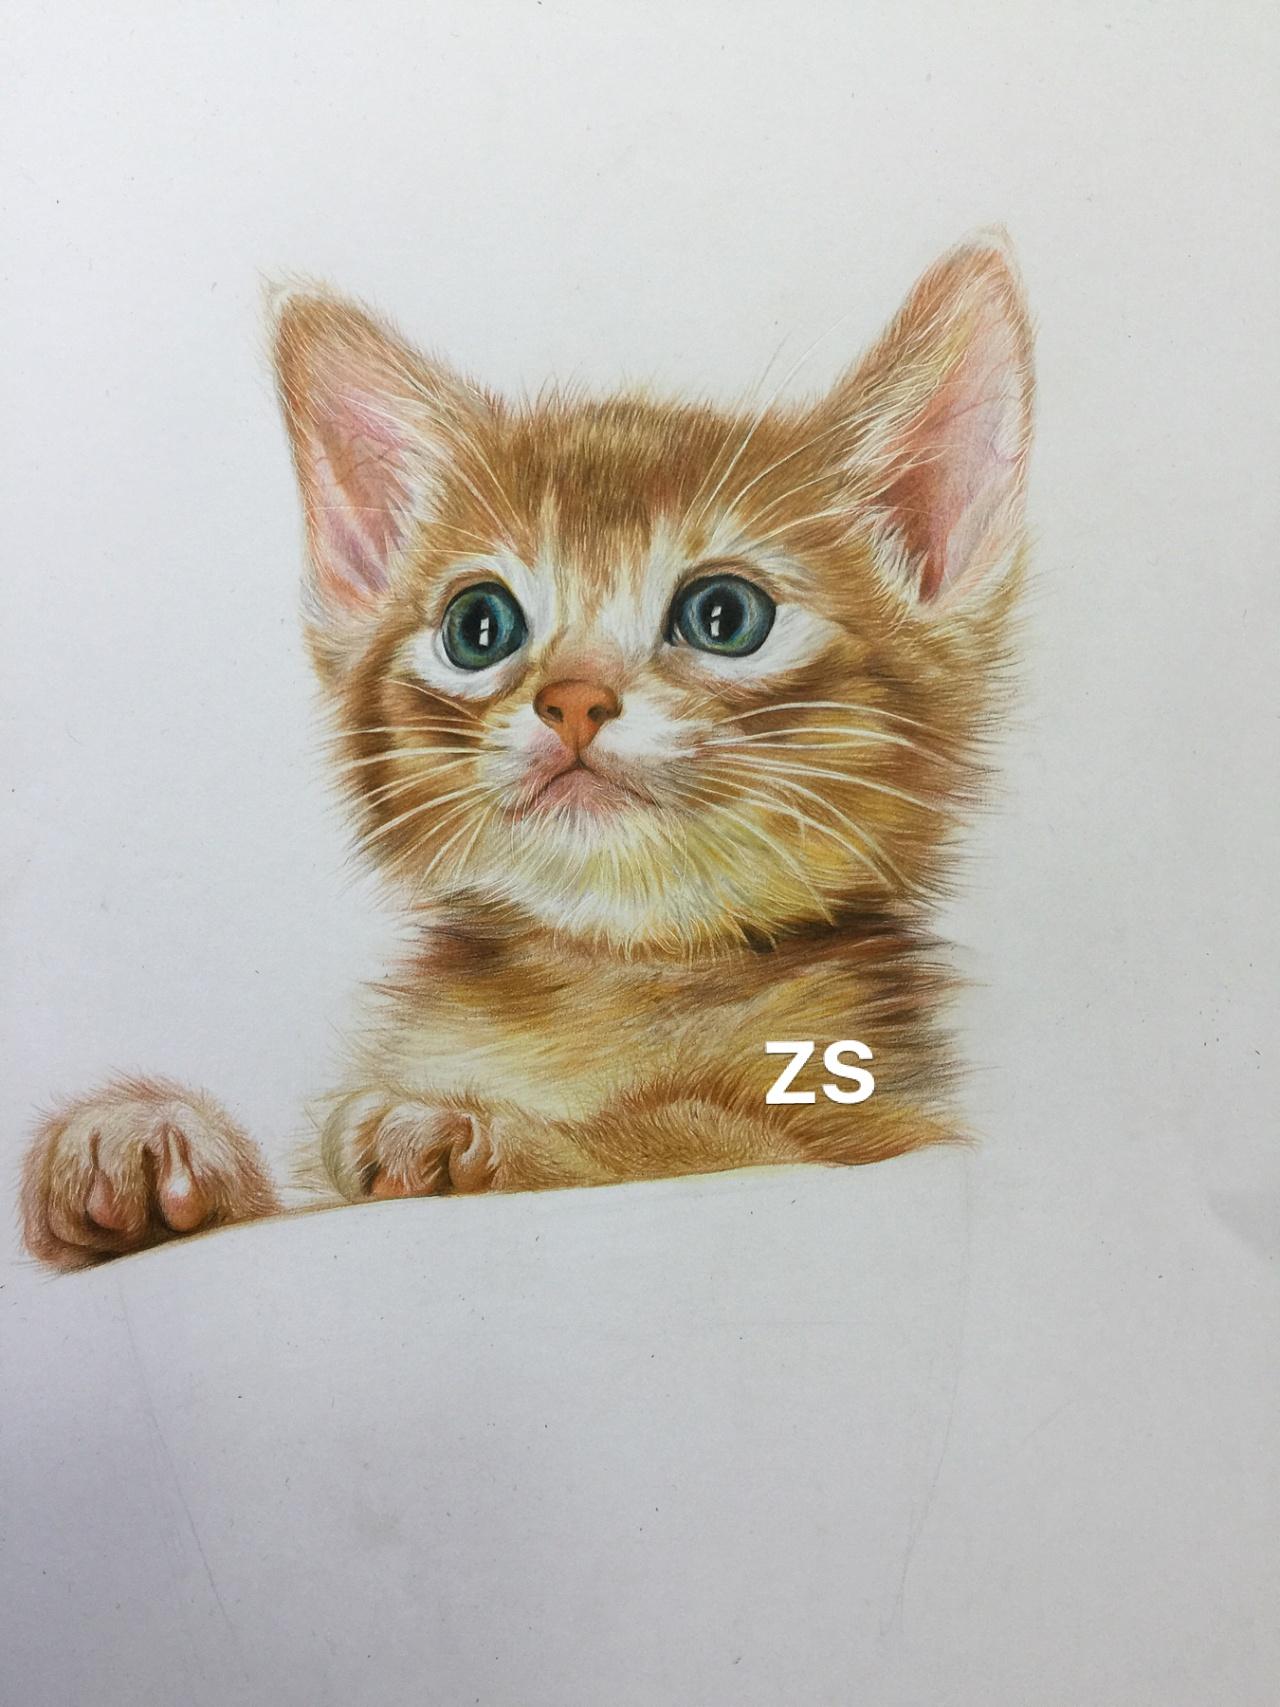 可爱彩铅_彩铅小猫咪|纯艺术|彩铅|ZSZSZSWT - 原创作品 - 站酷 (ZCOOL)